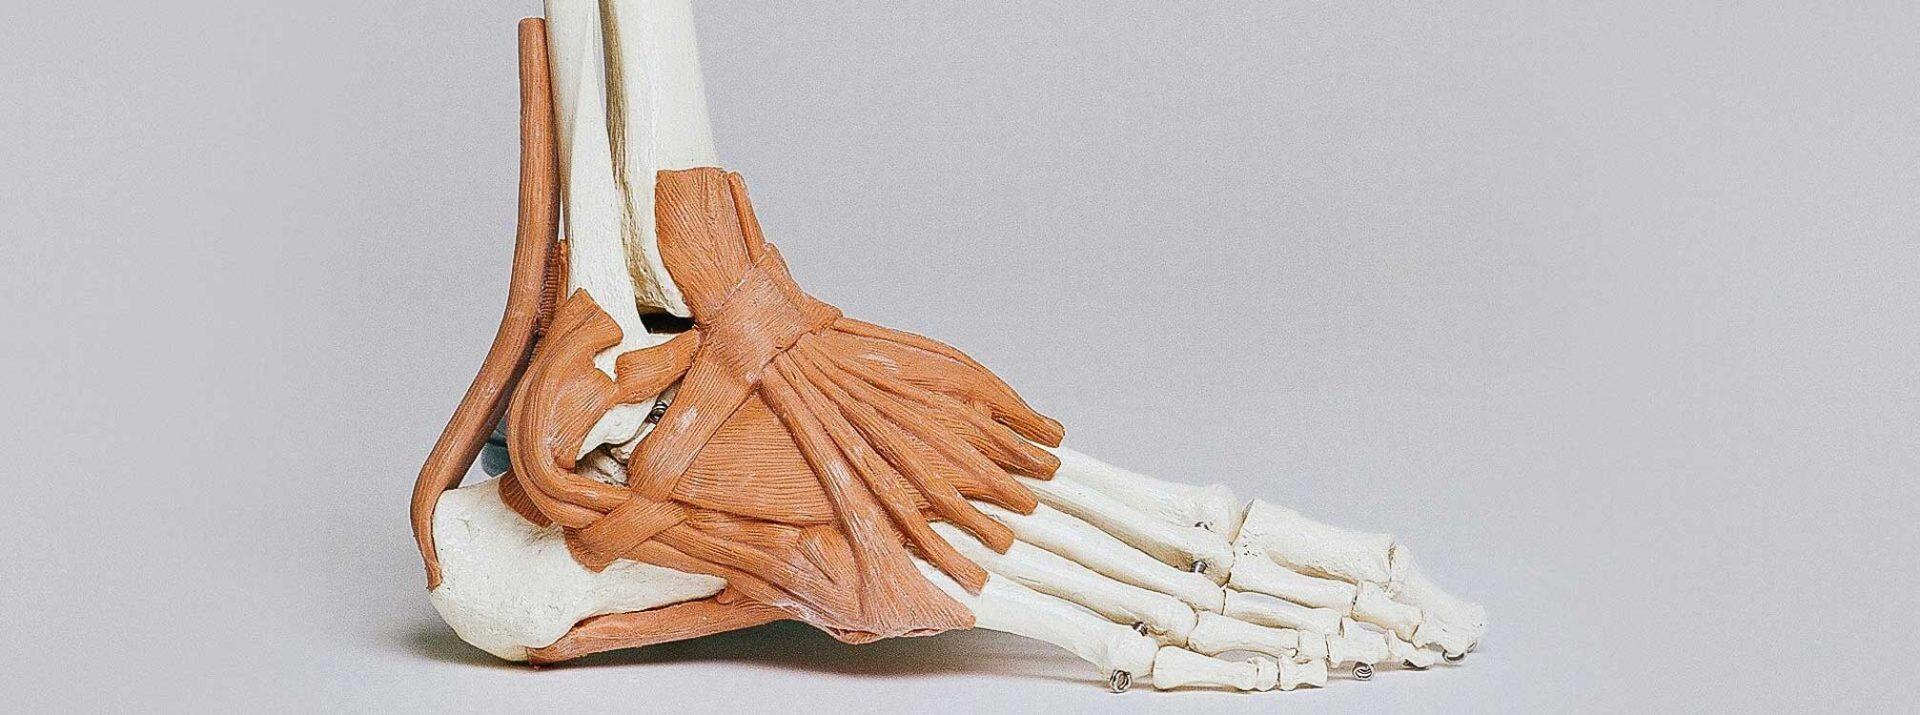 Ponujamo vam visoko specializirane fizioterapevtske storitve